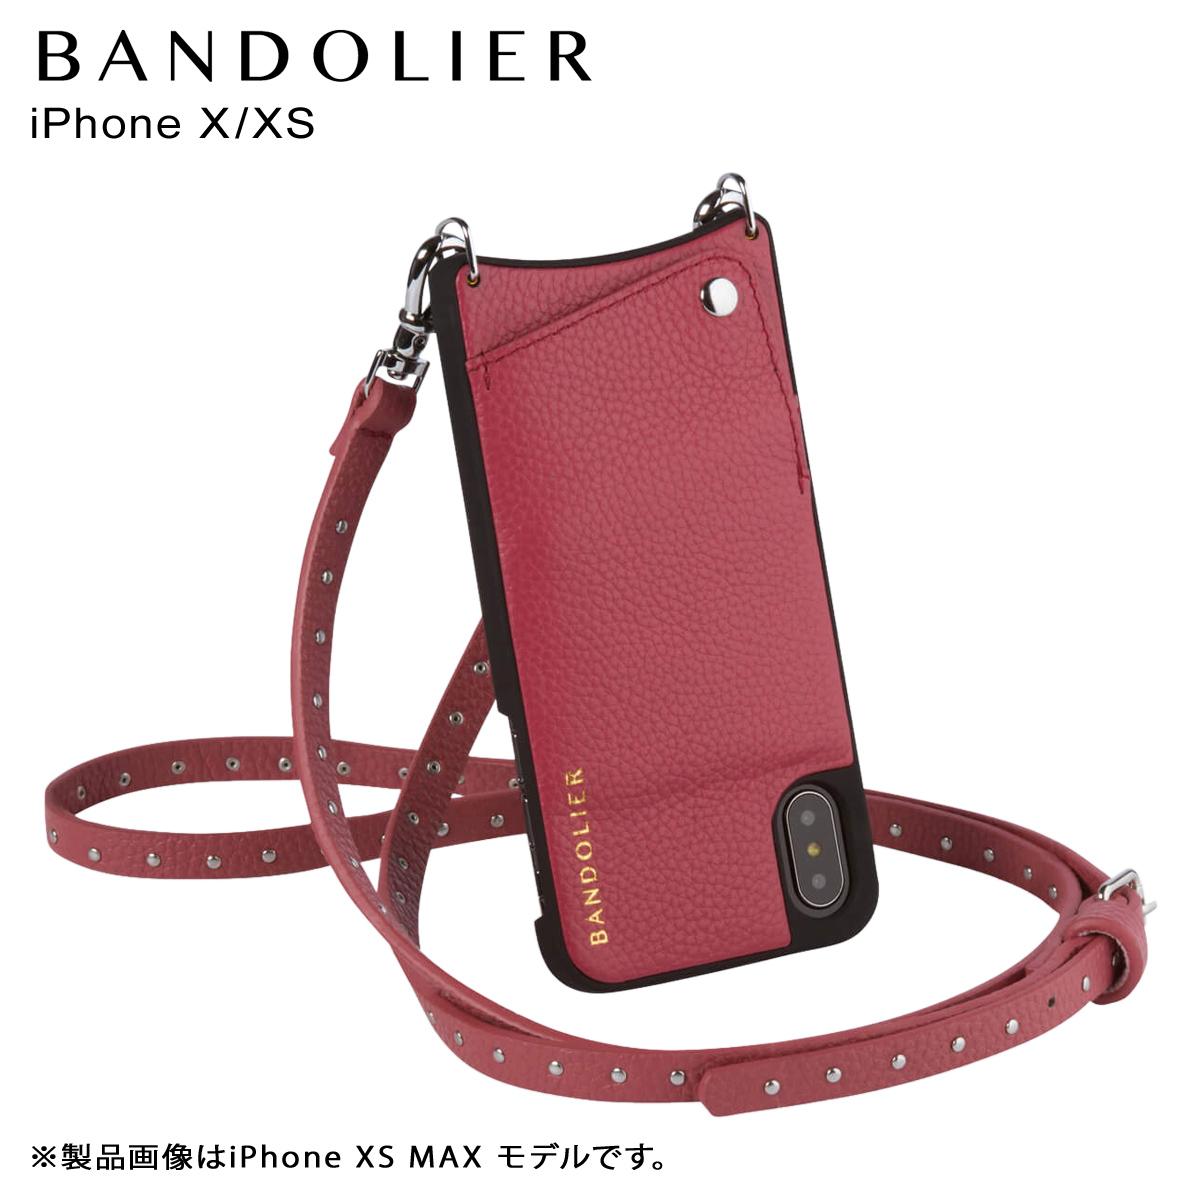 バンドリヤー BANDOLIER iPhone XS X ケース ショルダー スマホ アイフォン レザー NICOLE MAGENTA RED メンズ レディース マゼンタレッド 赤 10NIC1001